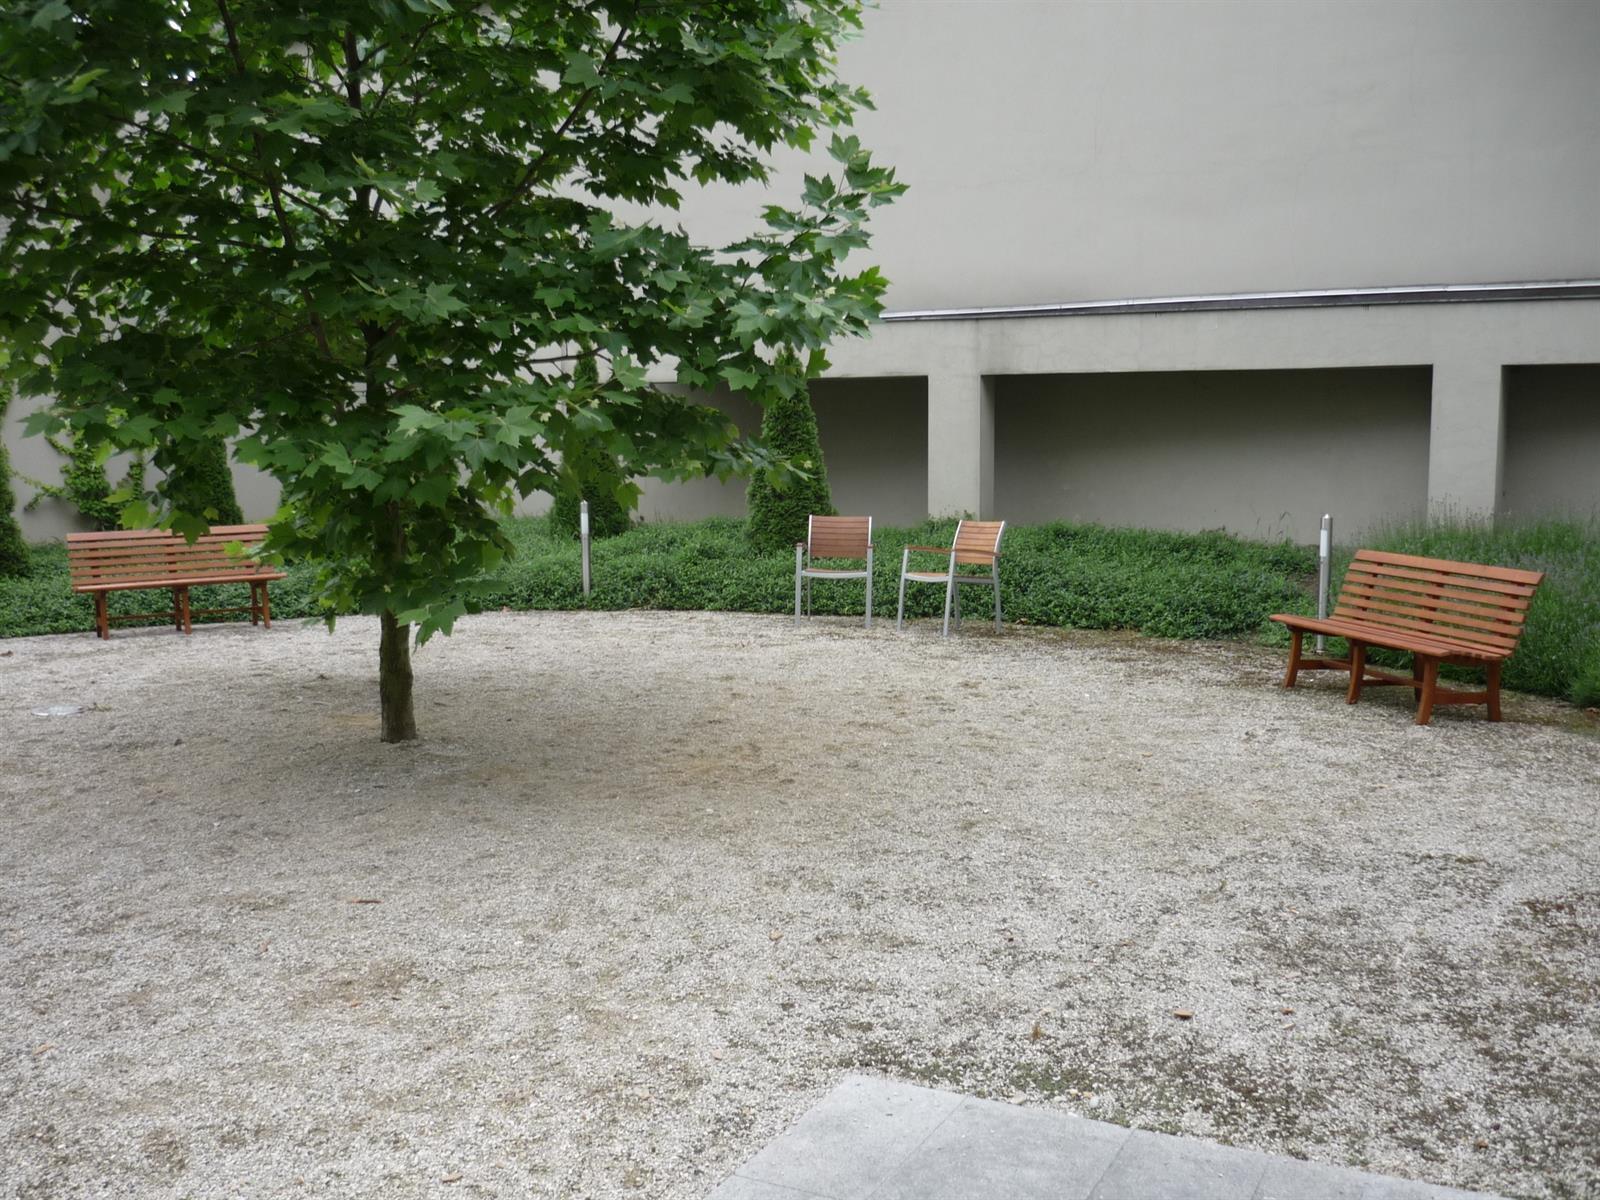 IDALIE 9-13 - Ixelles - #2975015-5